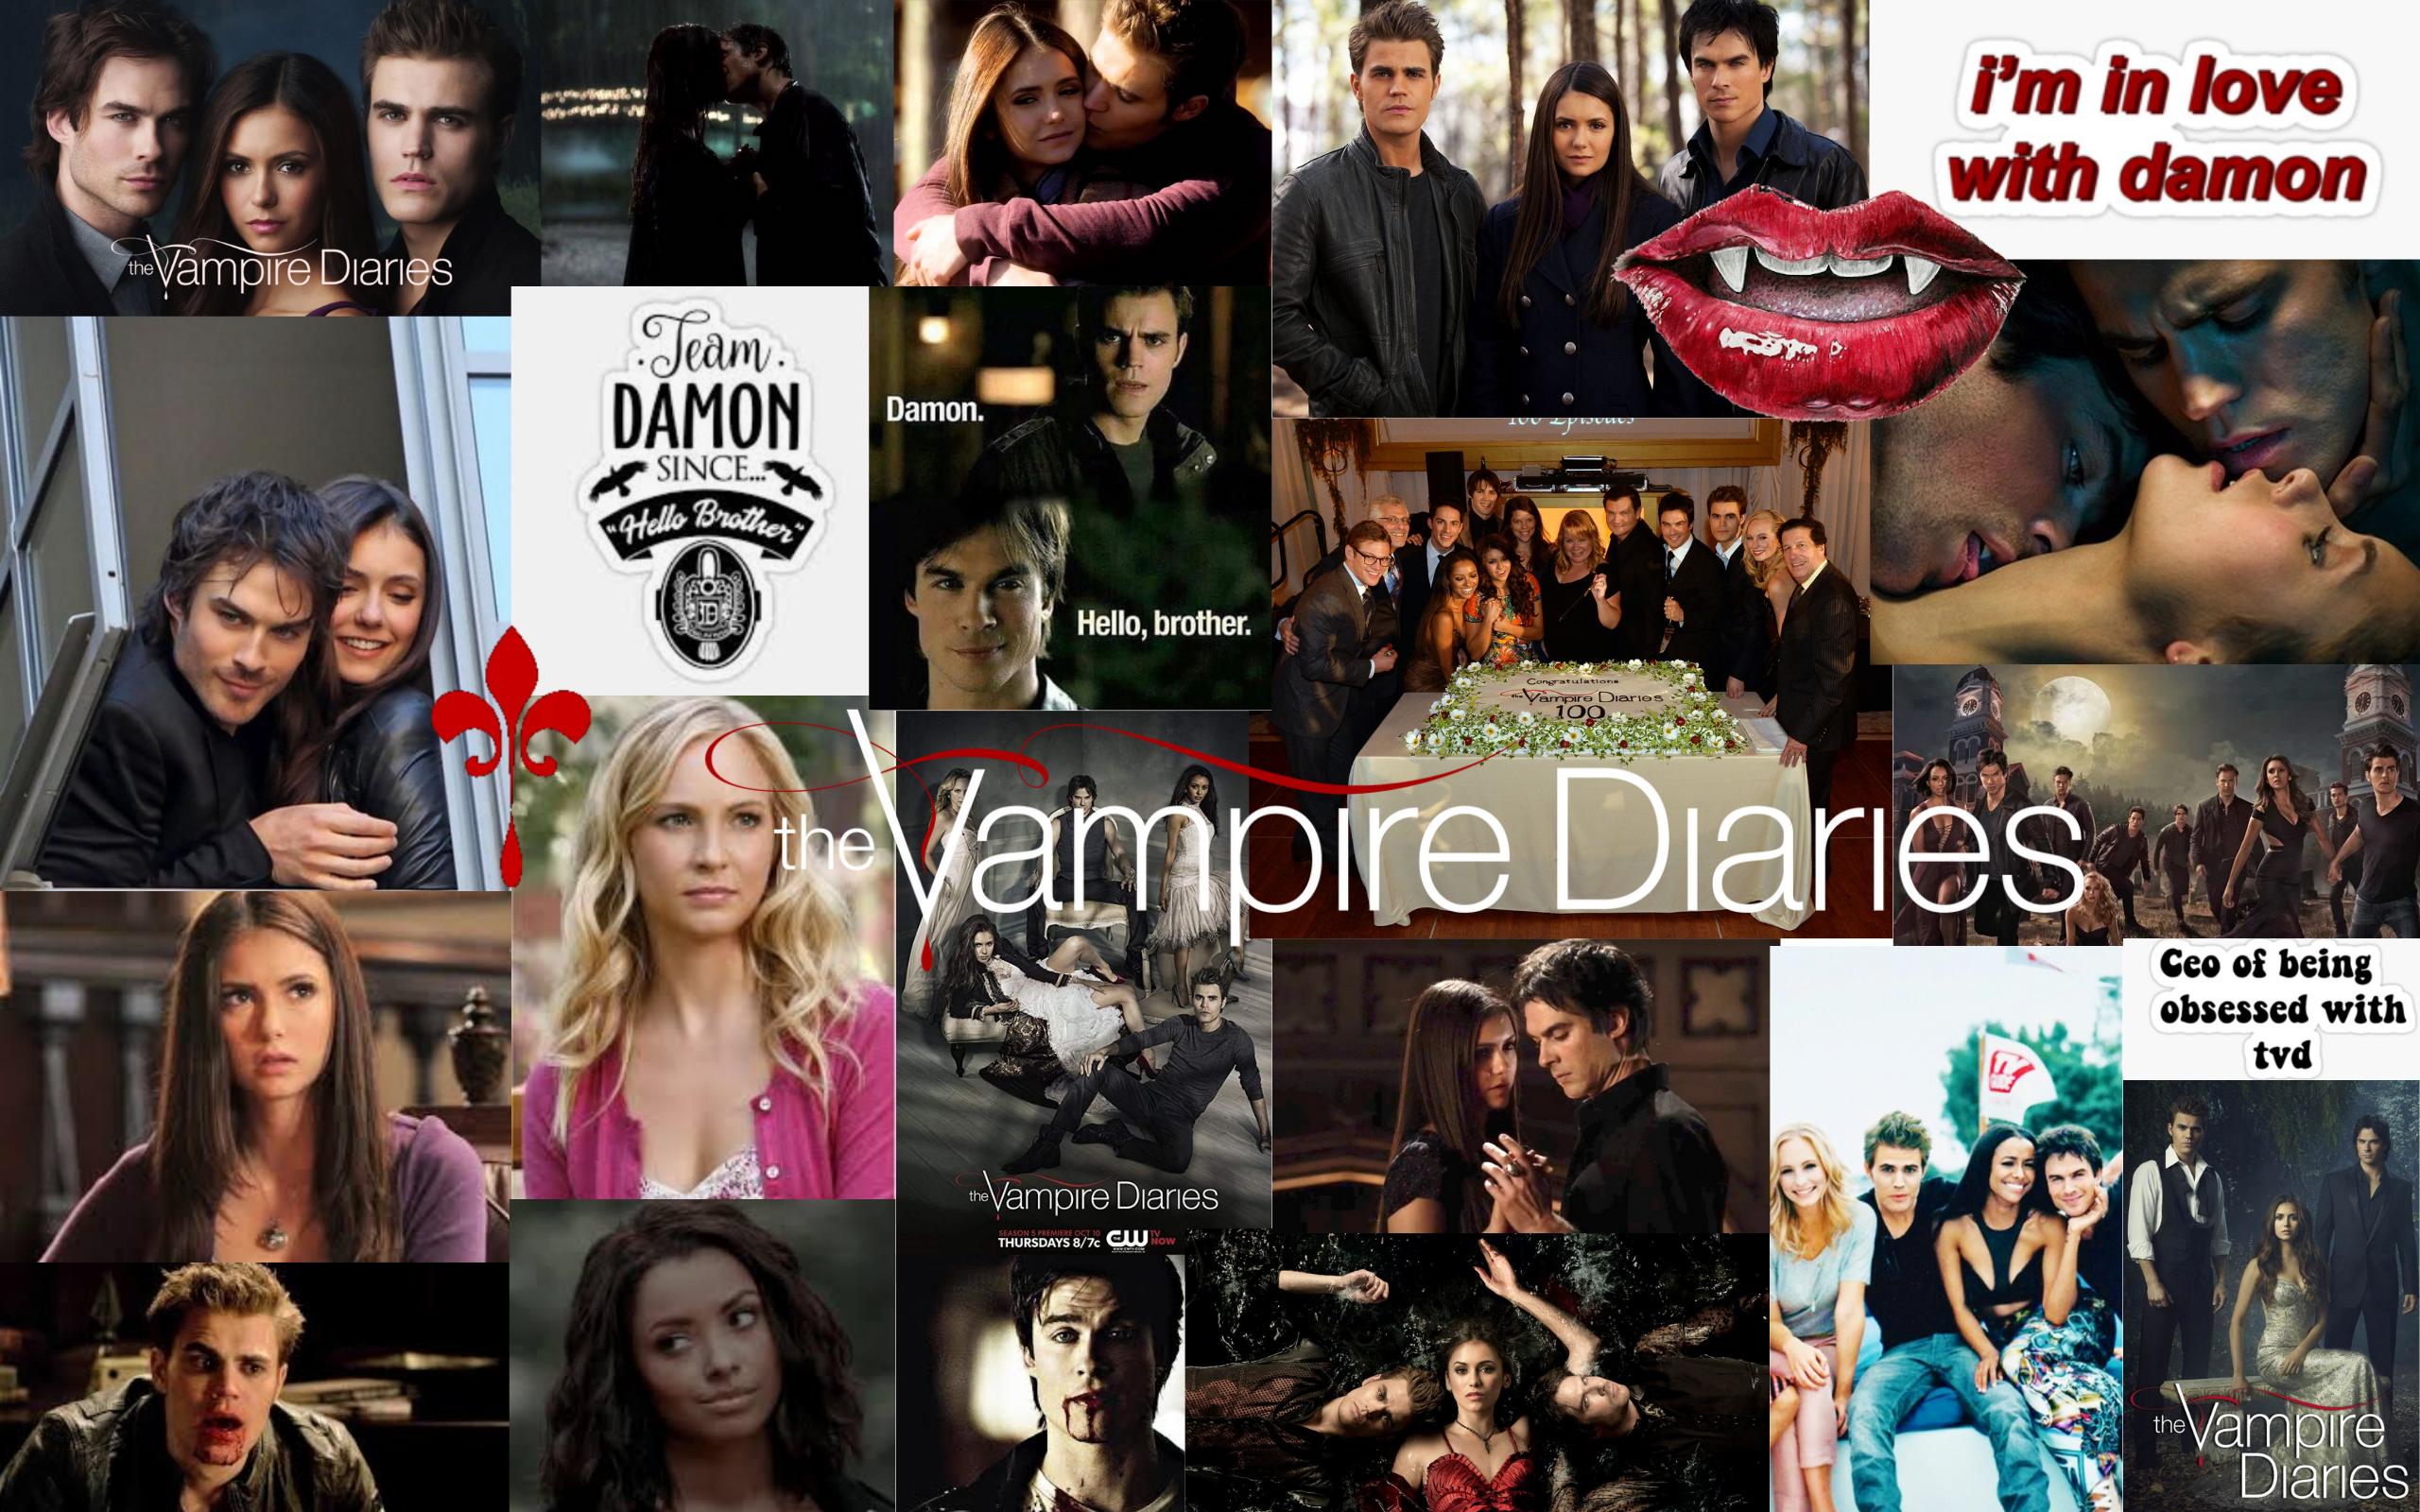 19+ Vampire diaries wallpaper iphone laptop